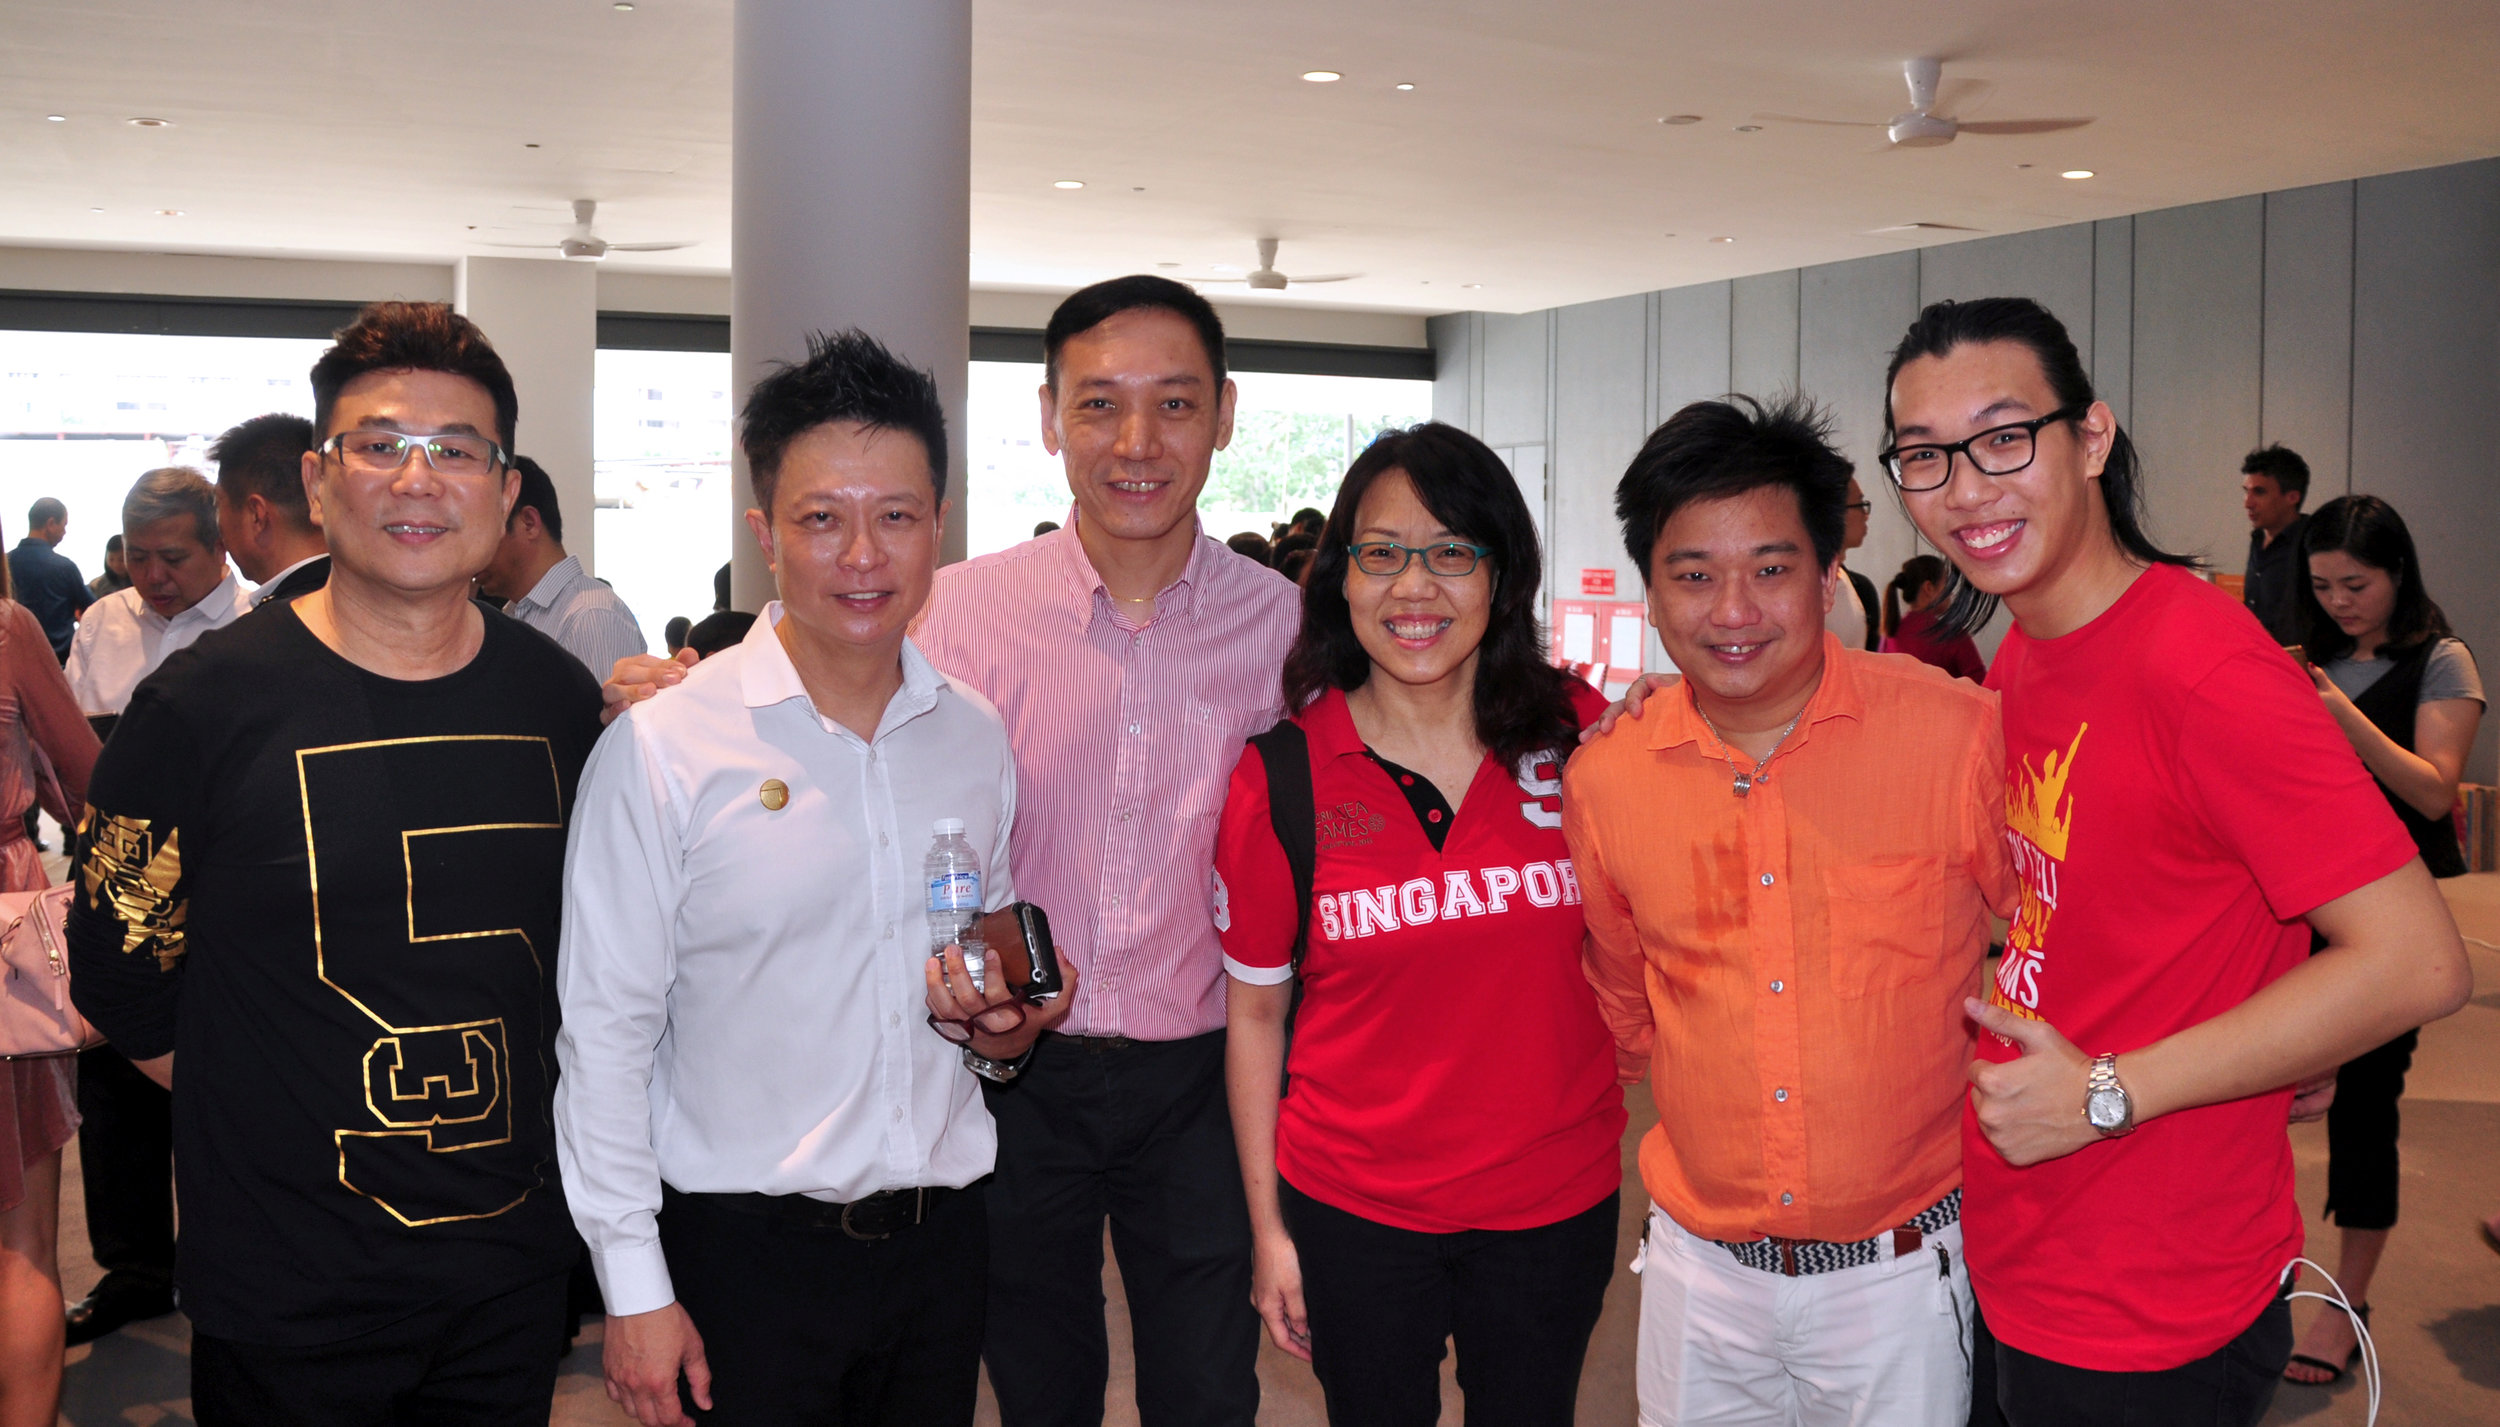 Group photo at SG100 Carnival